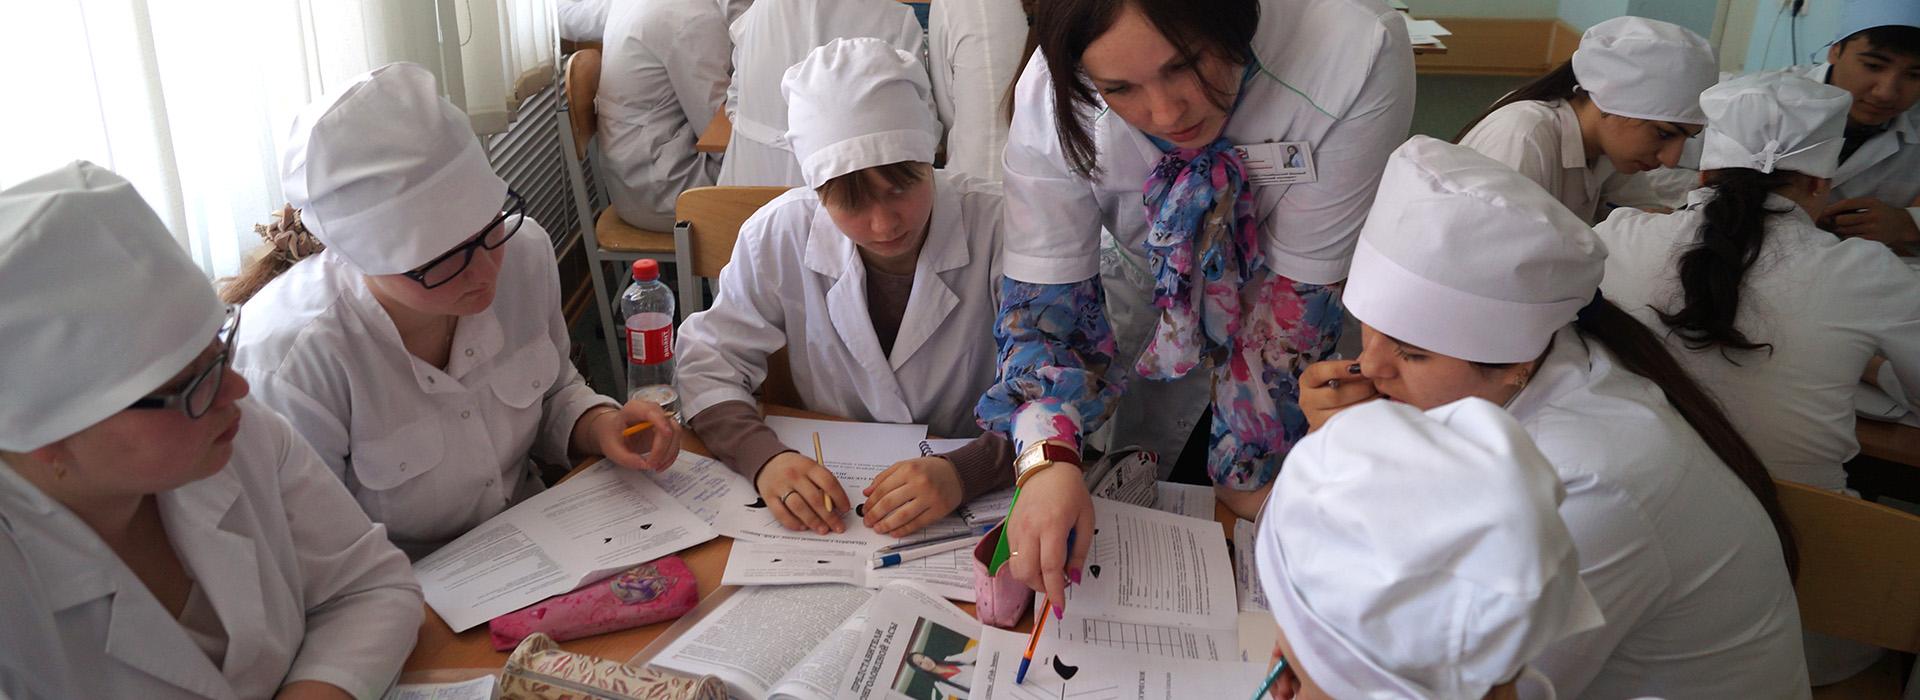 средне специальное медицинское образование